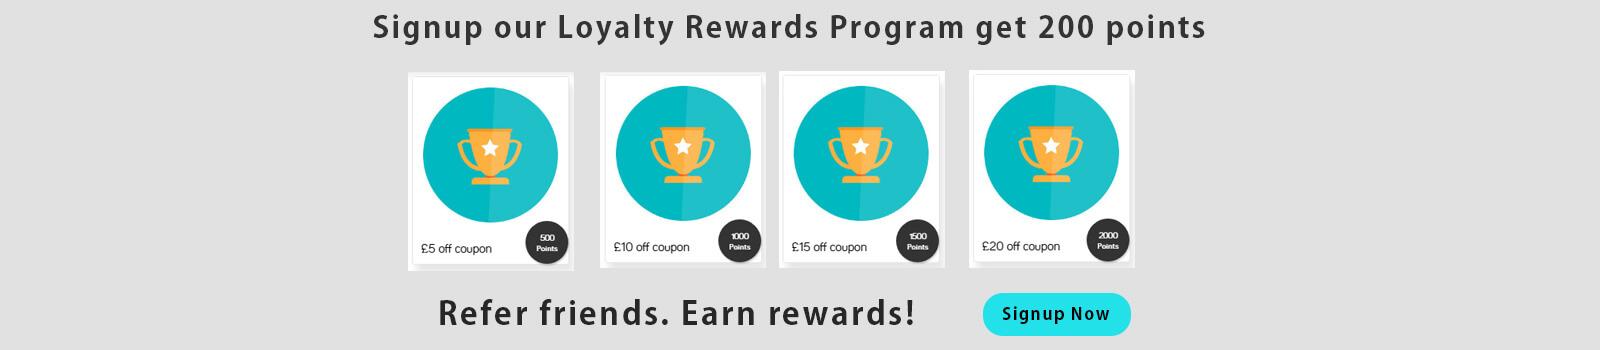 earn-rewards-points